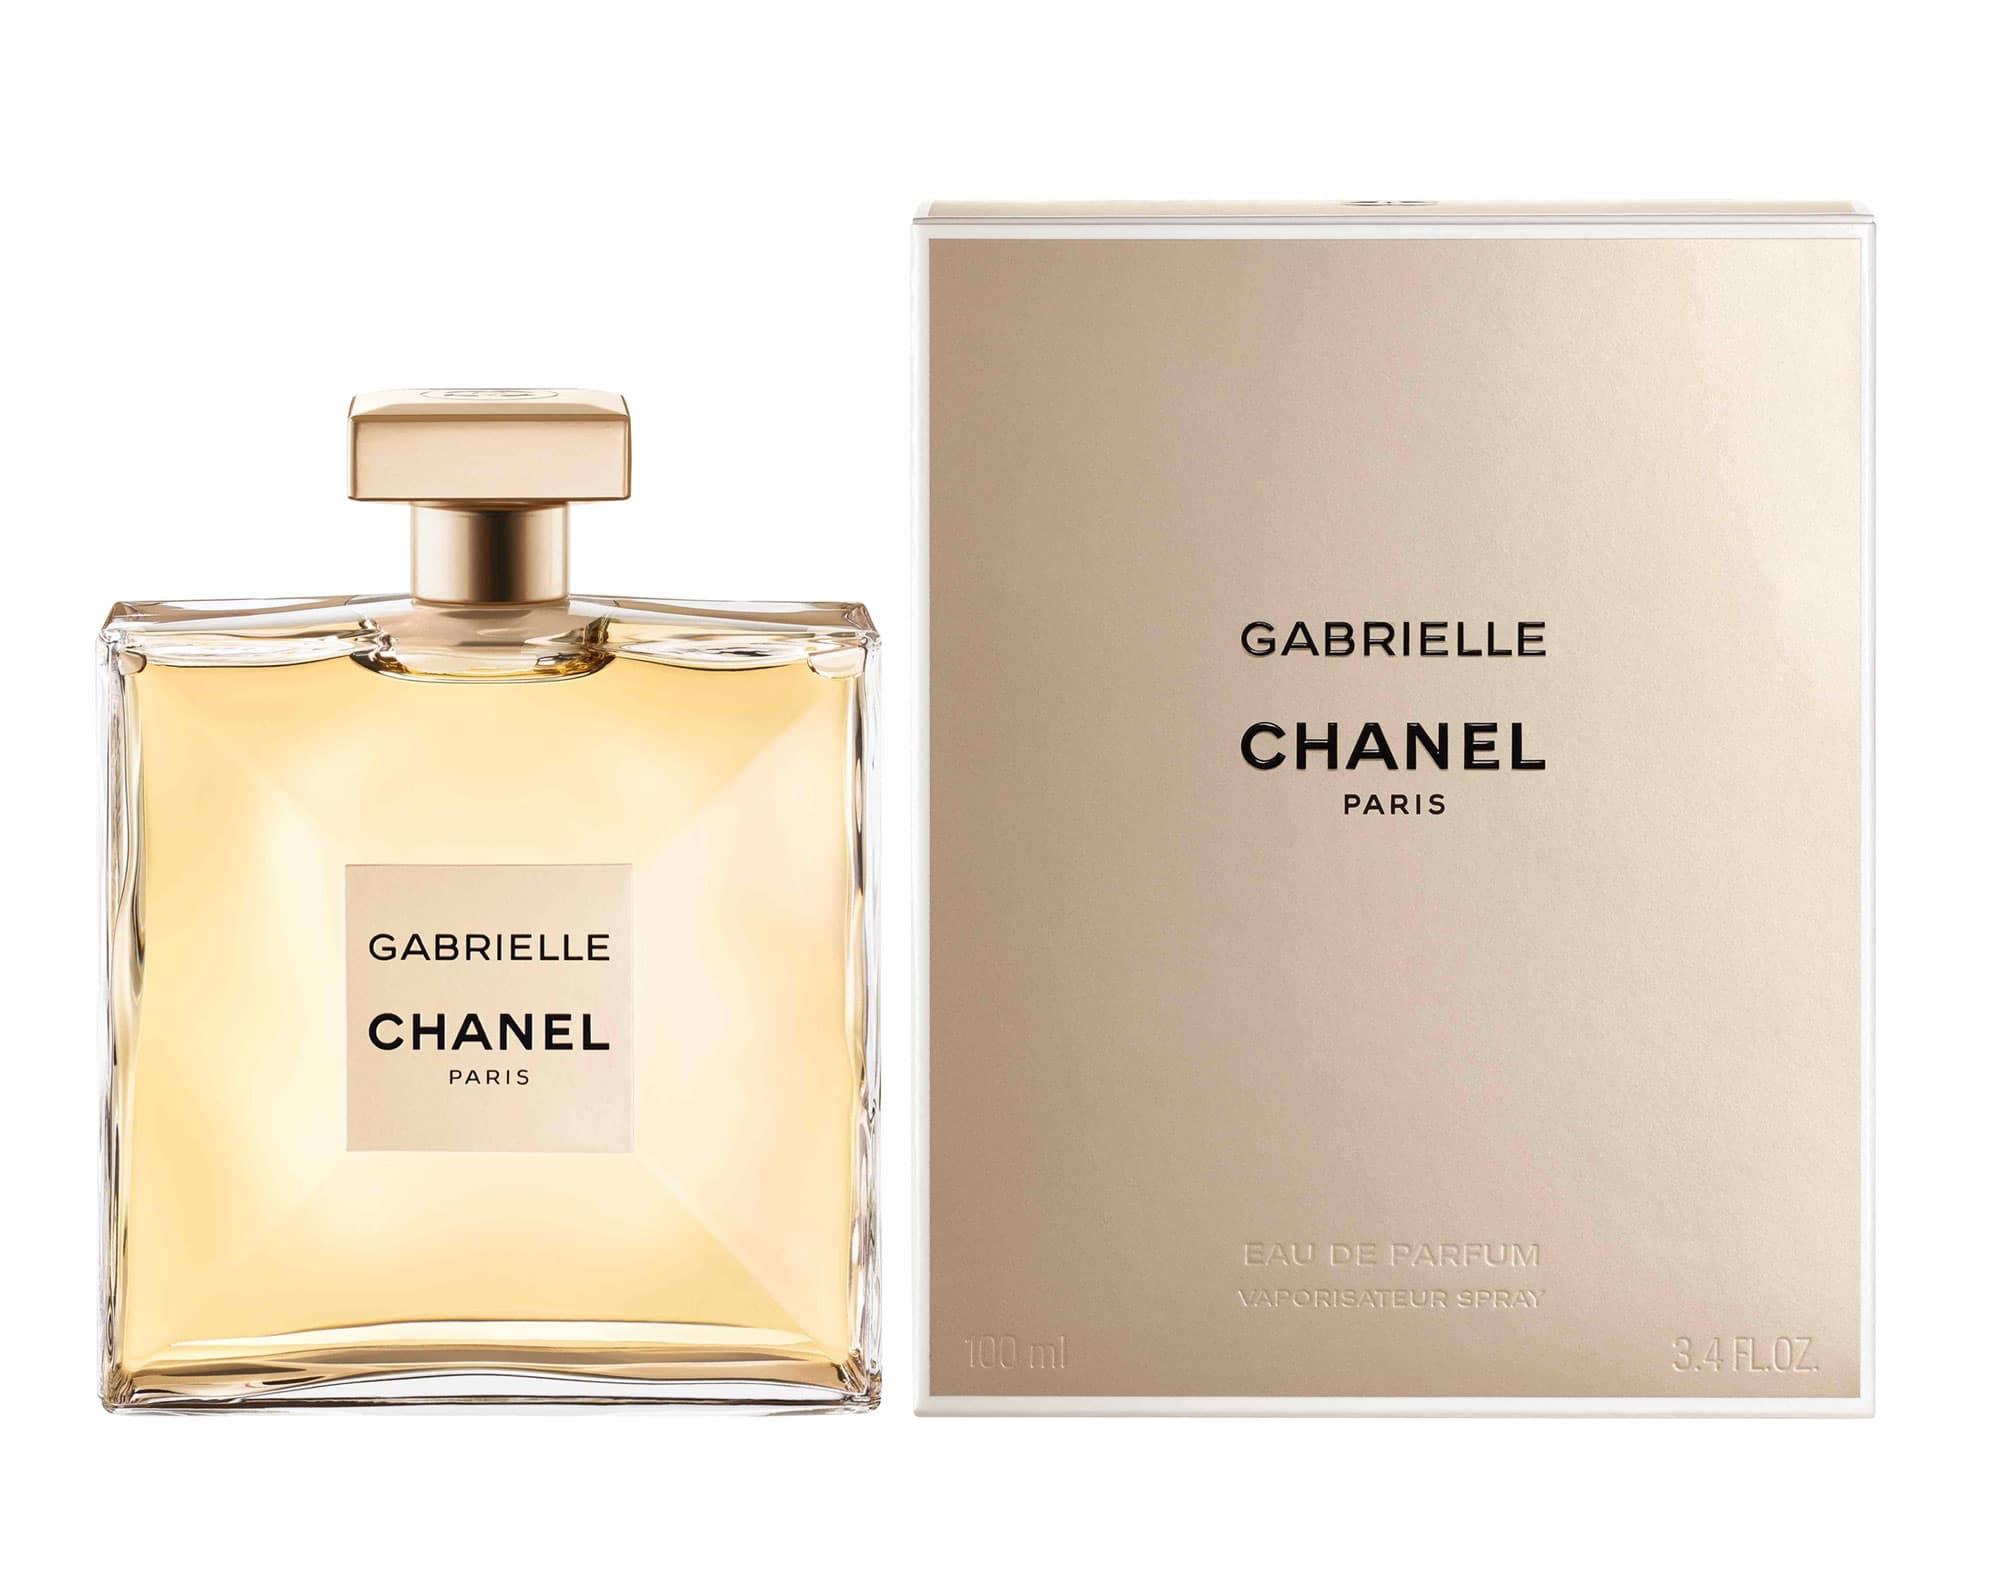 Cinque fragranze per l'autunno-inverno 2017 da non perdere - Chanel Gabrielle